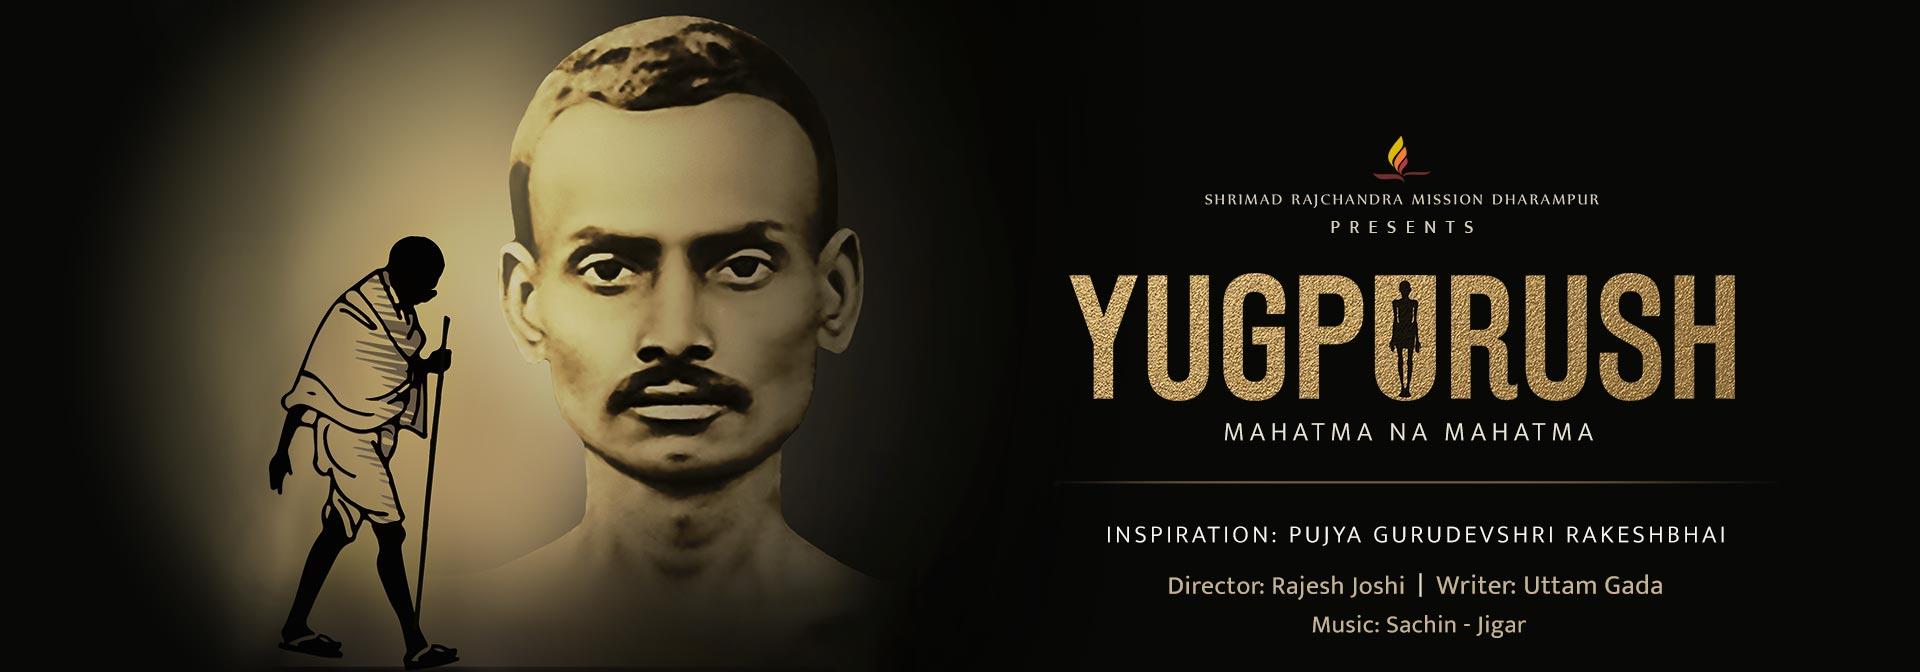 YUGPURUSH - Mahatma Na Mahatma - comes to Kuala Lumpur on November 16 & 17!